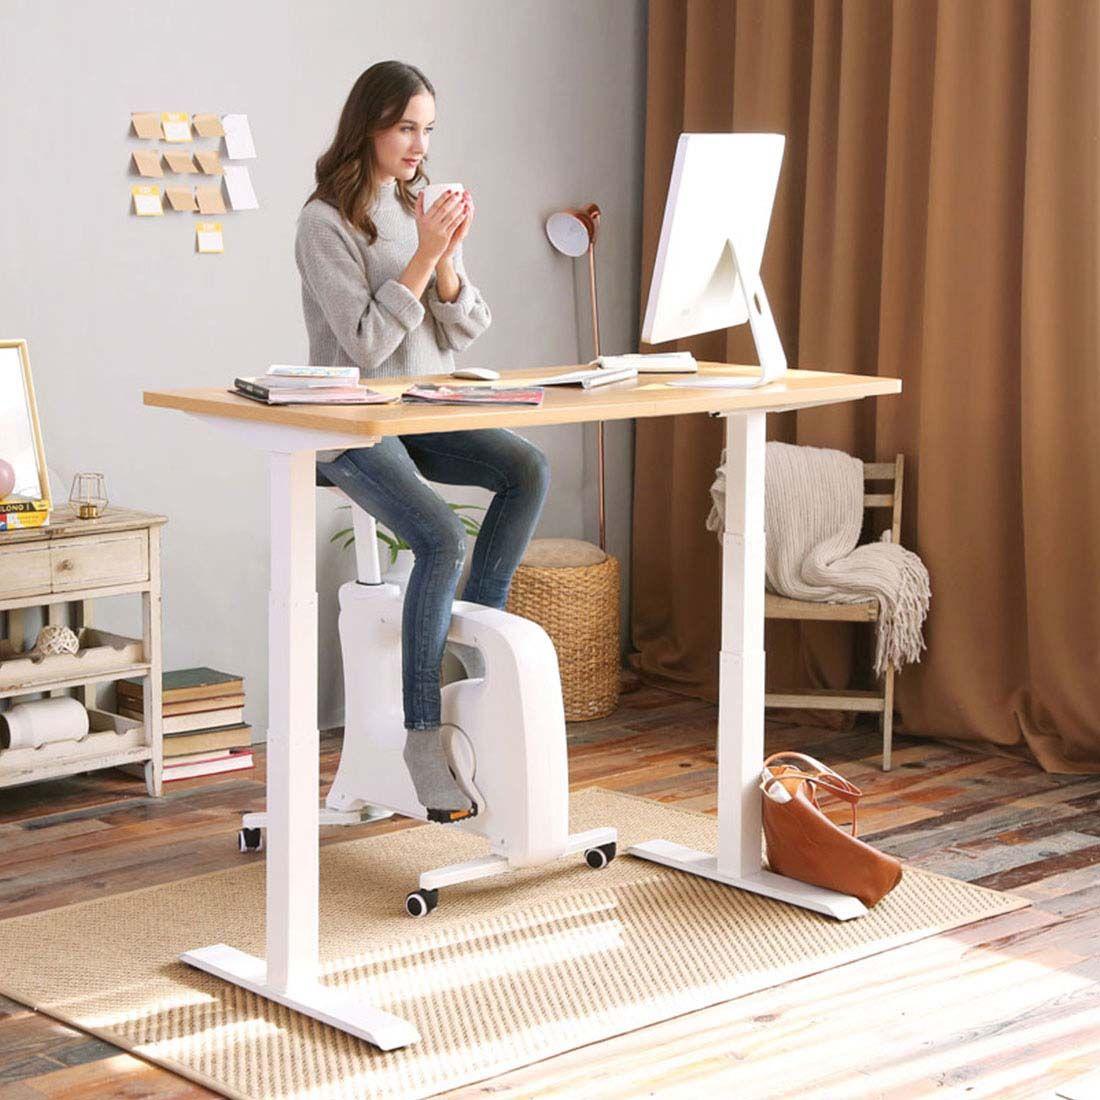 Manufacturer For Sit Stand Desks Height Adjustable Desk Desk Exercise Bike And Monitor M Adjustable Height Desk Standing Desk Office Adjustable Standing Desk